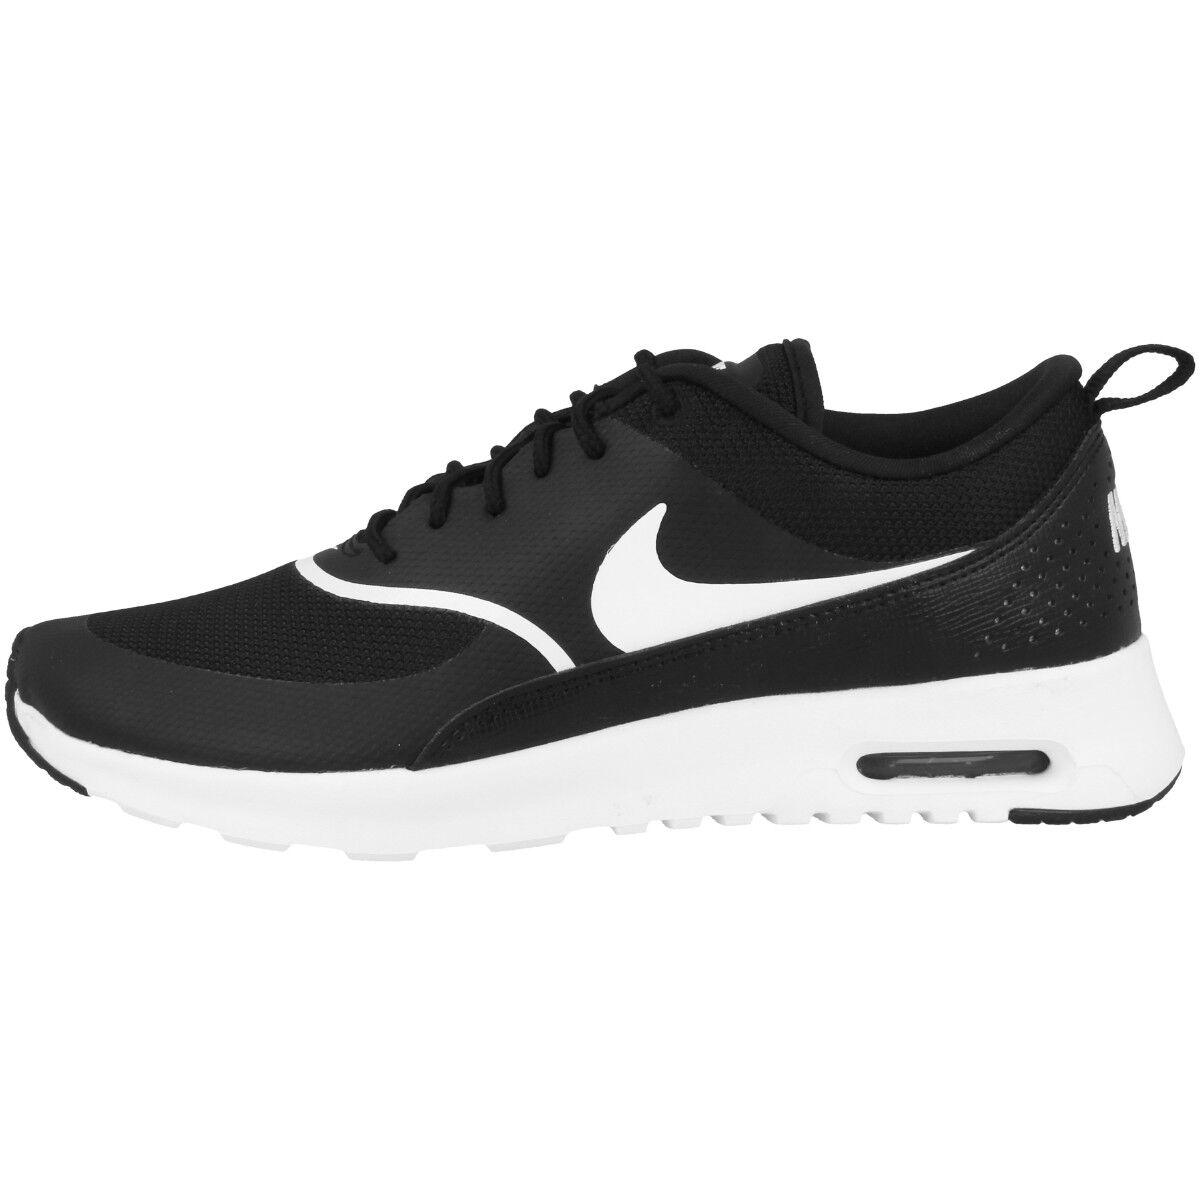 Nike Freizeit Air Max Thea Damens Schuhe Damen Freizeit Nike Sneaker schwarz Weiß 599409-028 6f42ba